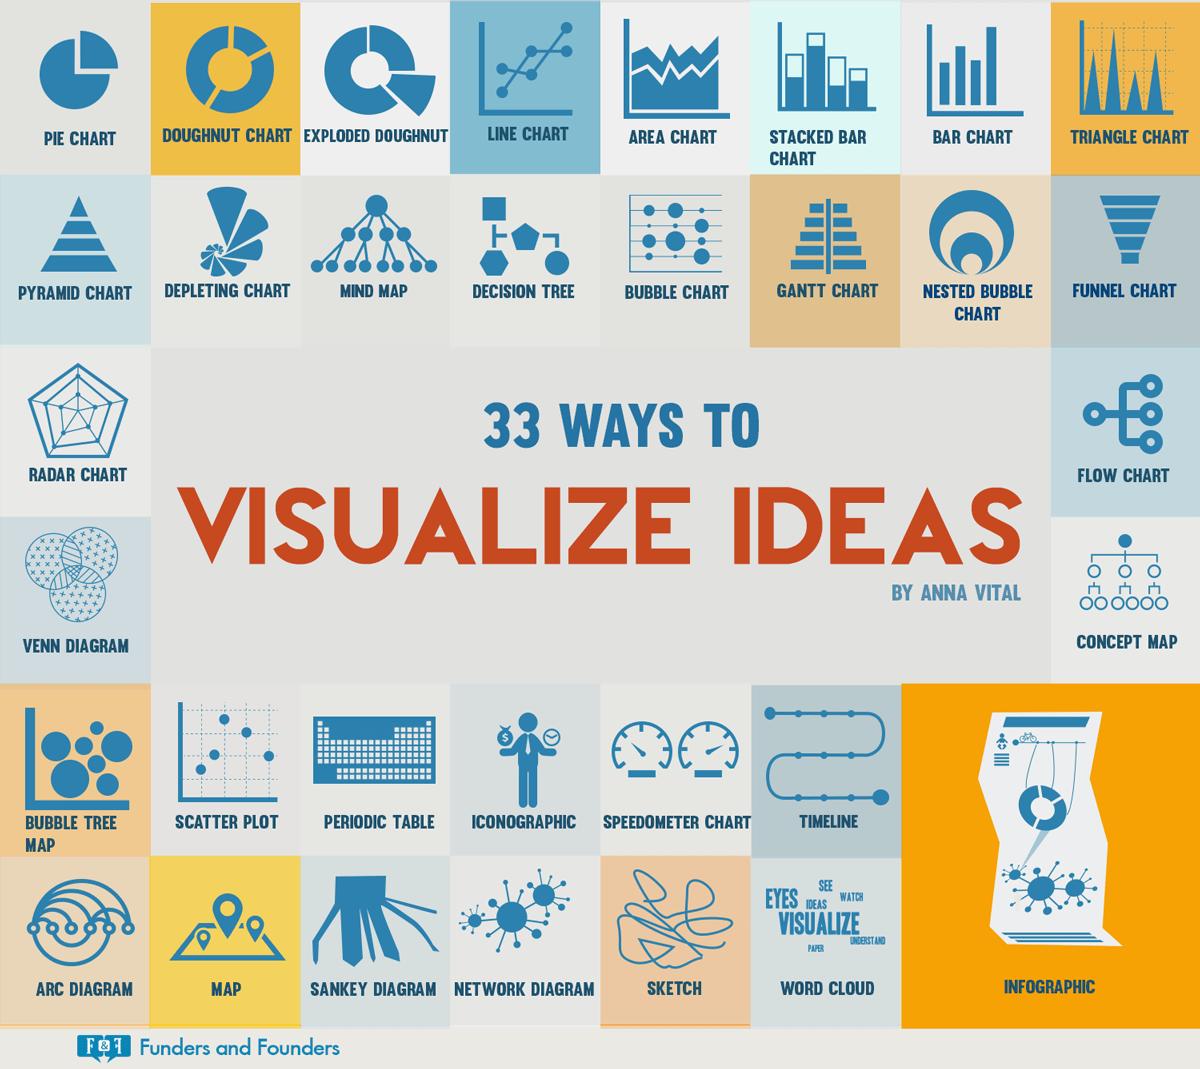 33 maneras de visualizar ideas #infografia #infographic #design - TICs y Formación